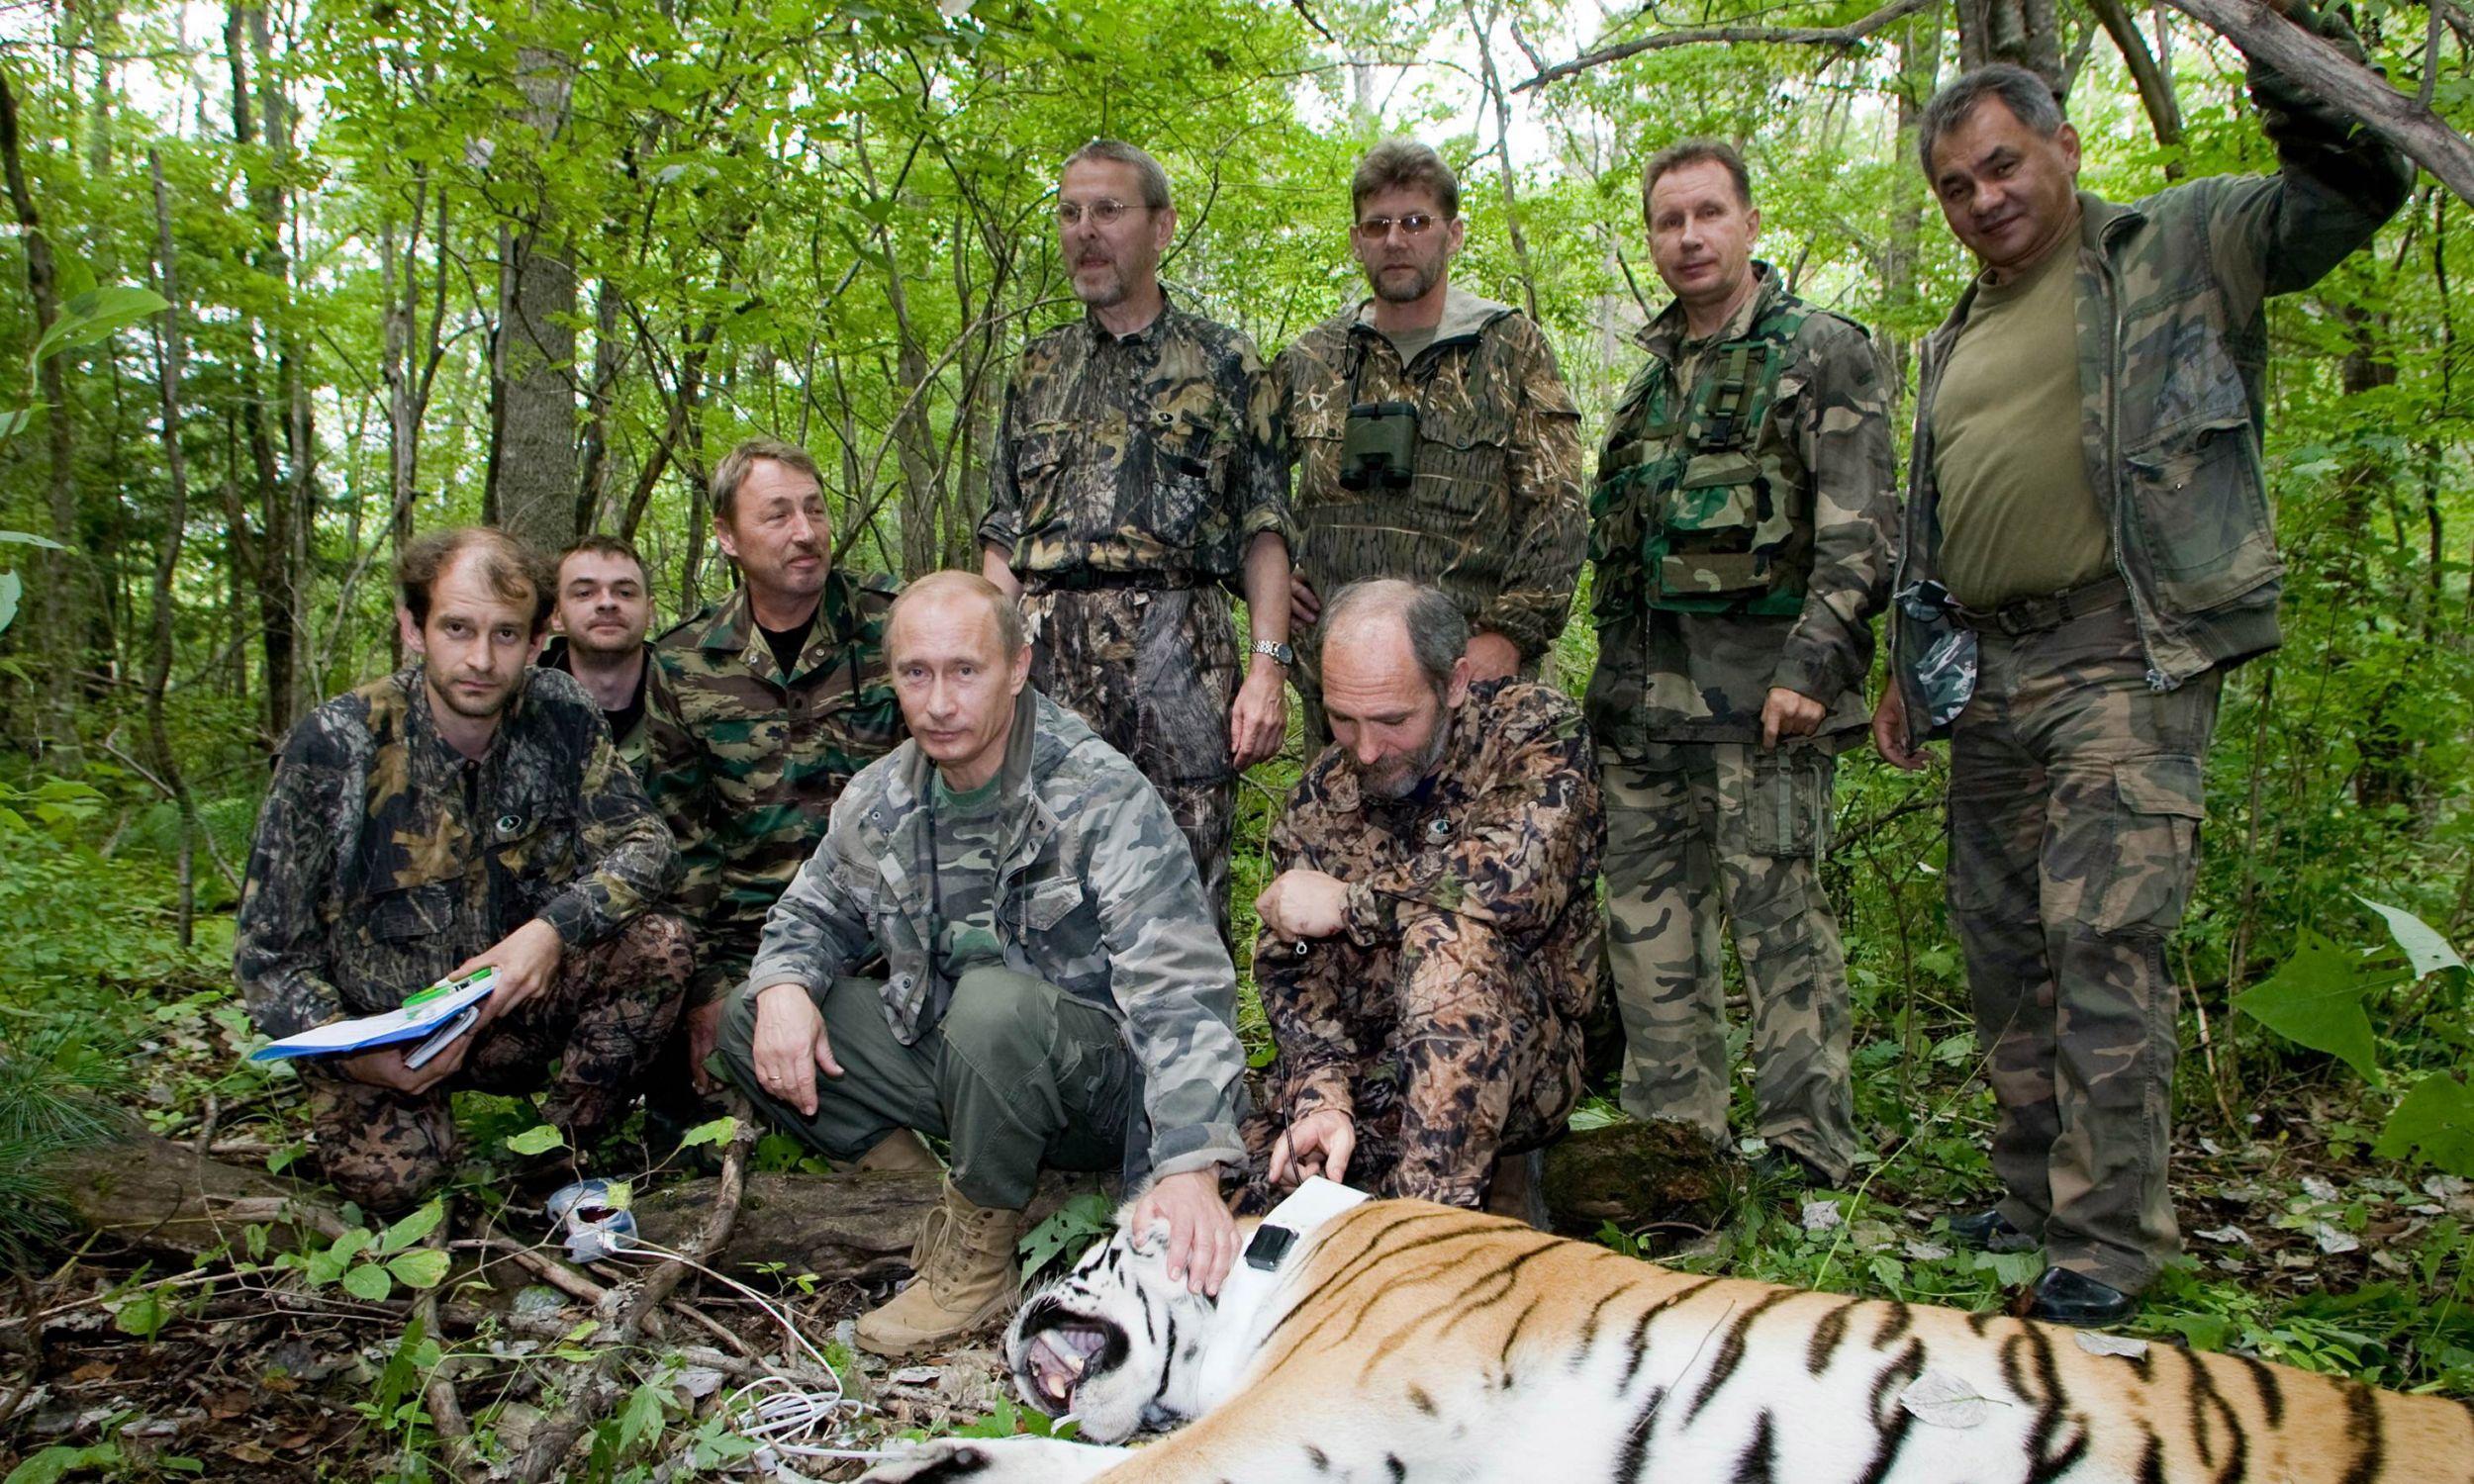 Władimir Putin w listopadzie 2008 roku, jako premier Rosji, podczas wizyty w rezerwacie tygrysów nad Amurem, nieopodal terenów, na których w 1969 roku toczyły się walki sowiecko-chińskie. Chińczycy poluja na tygrysy i części ich ciała wykorzystują w tradycyjnej medycynie - jedno zwierzę jest na czarnym rynku warte ponad 100 tys. złotych. Fot. Animal Press / Barcroft Media / Getty Images